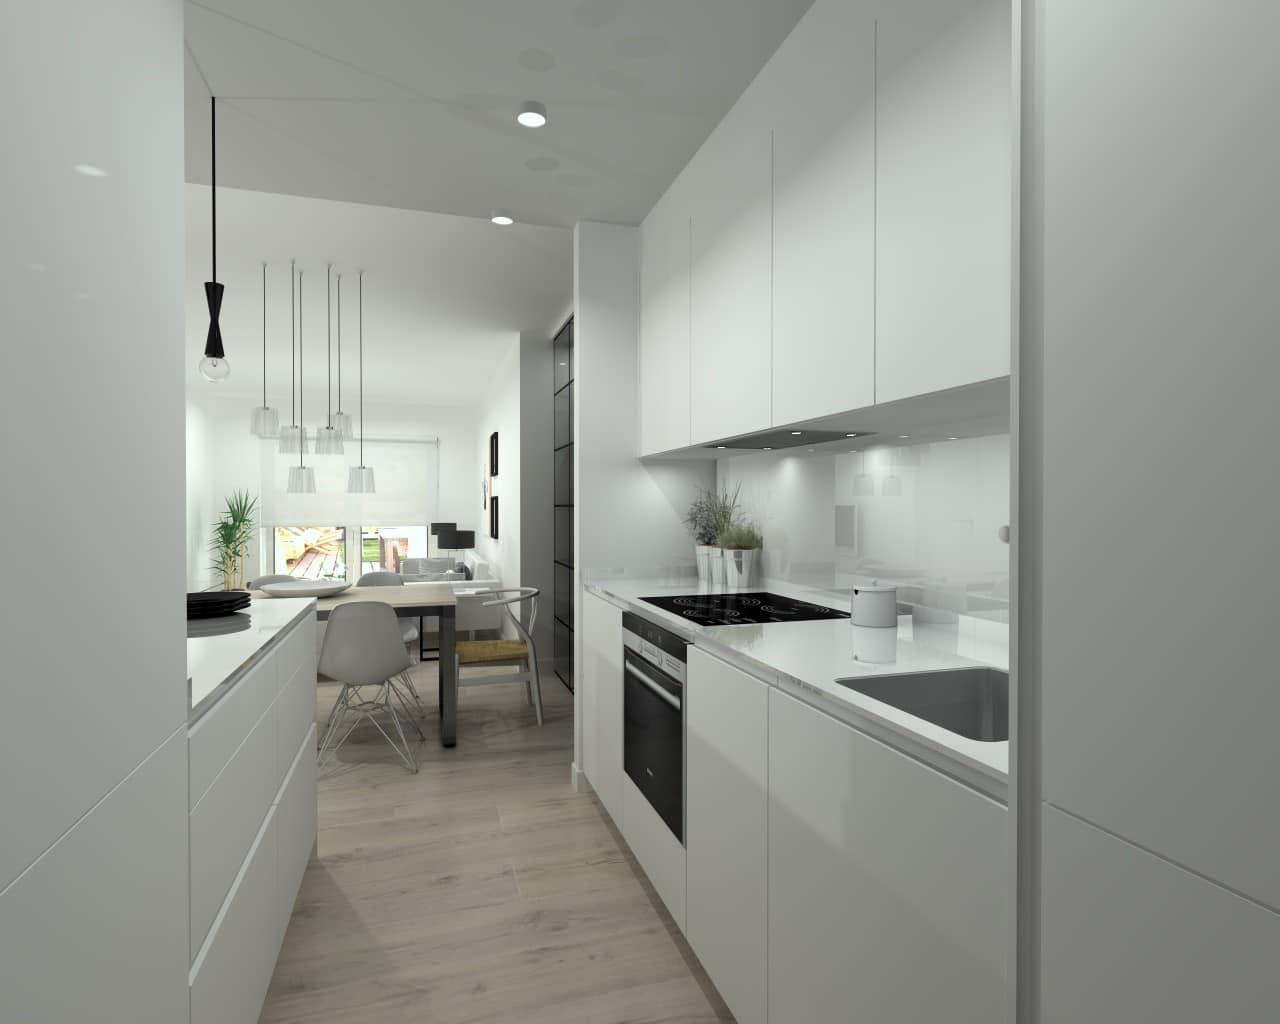 Cocina abierta en apartamento peque o estudio cocinas dc for Cocina apartamento pequeno